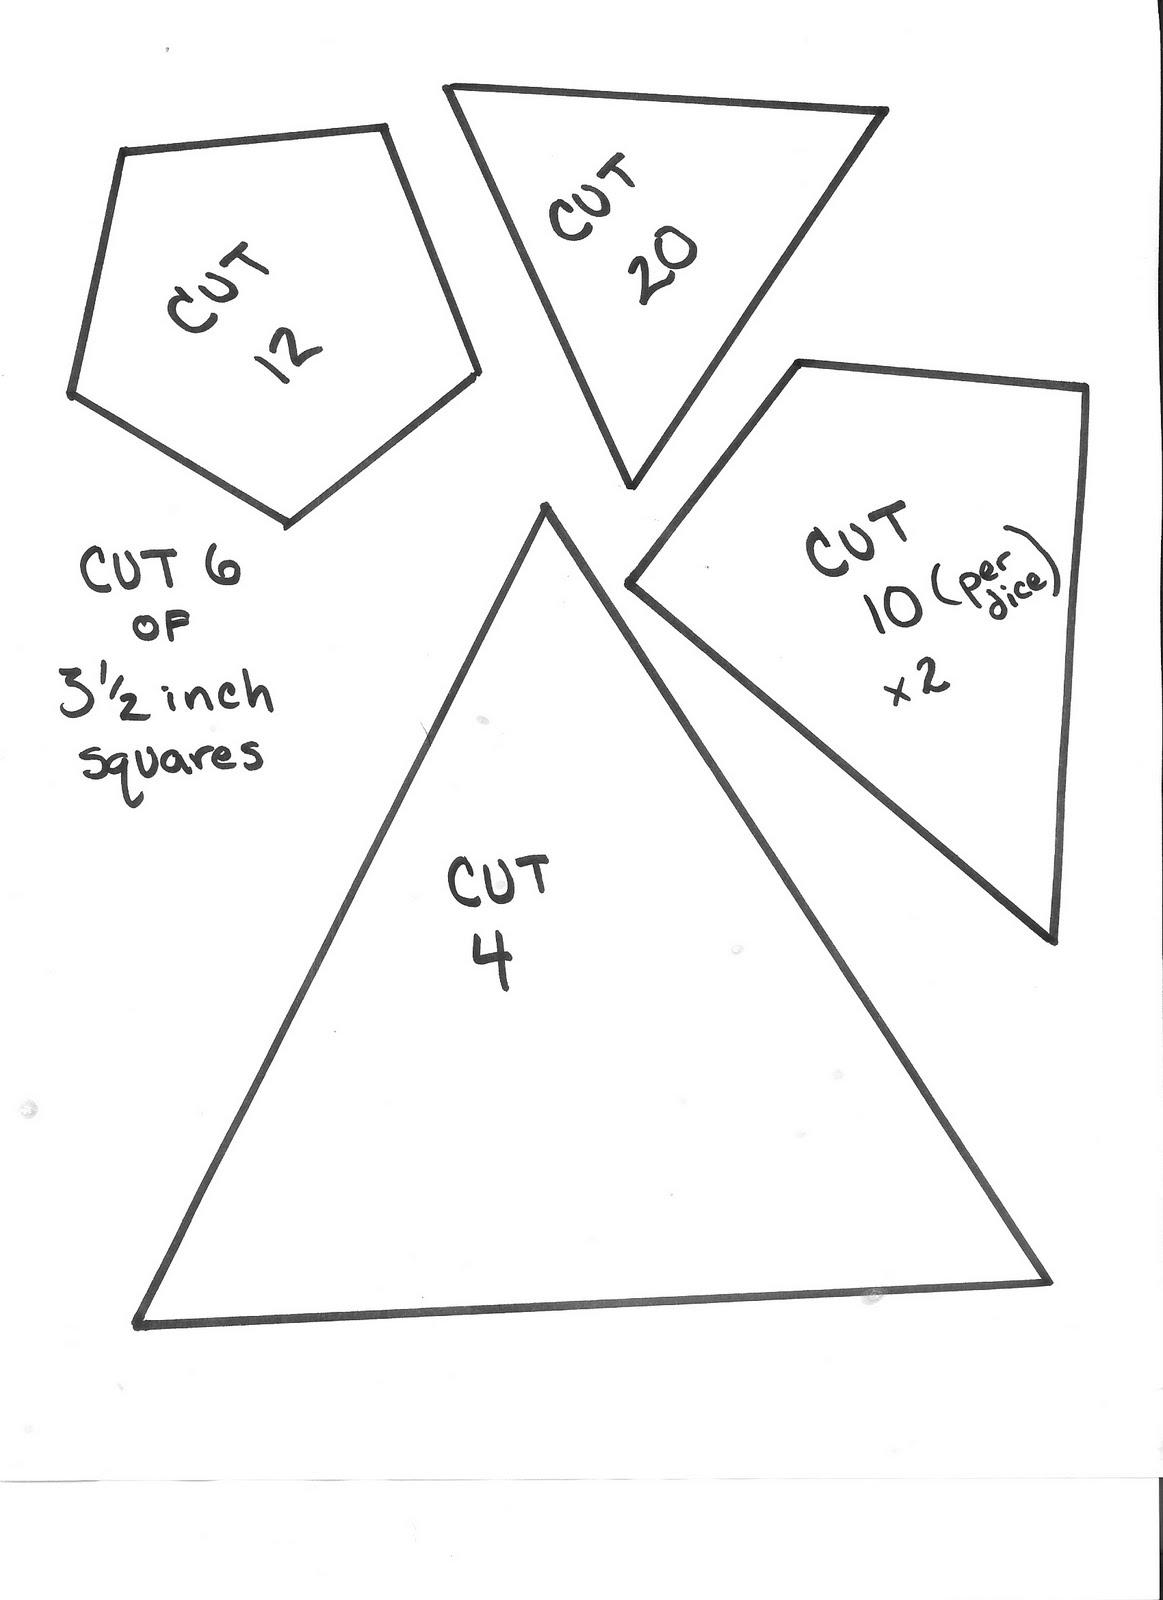 4 dice template